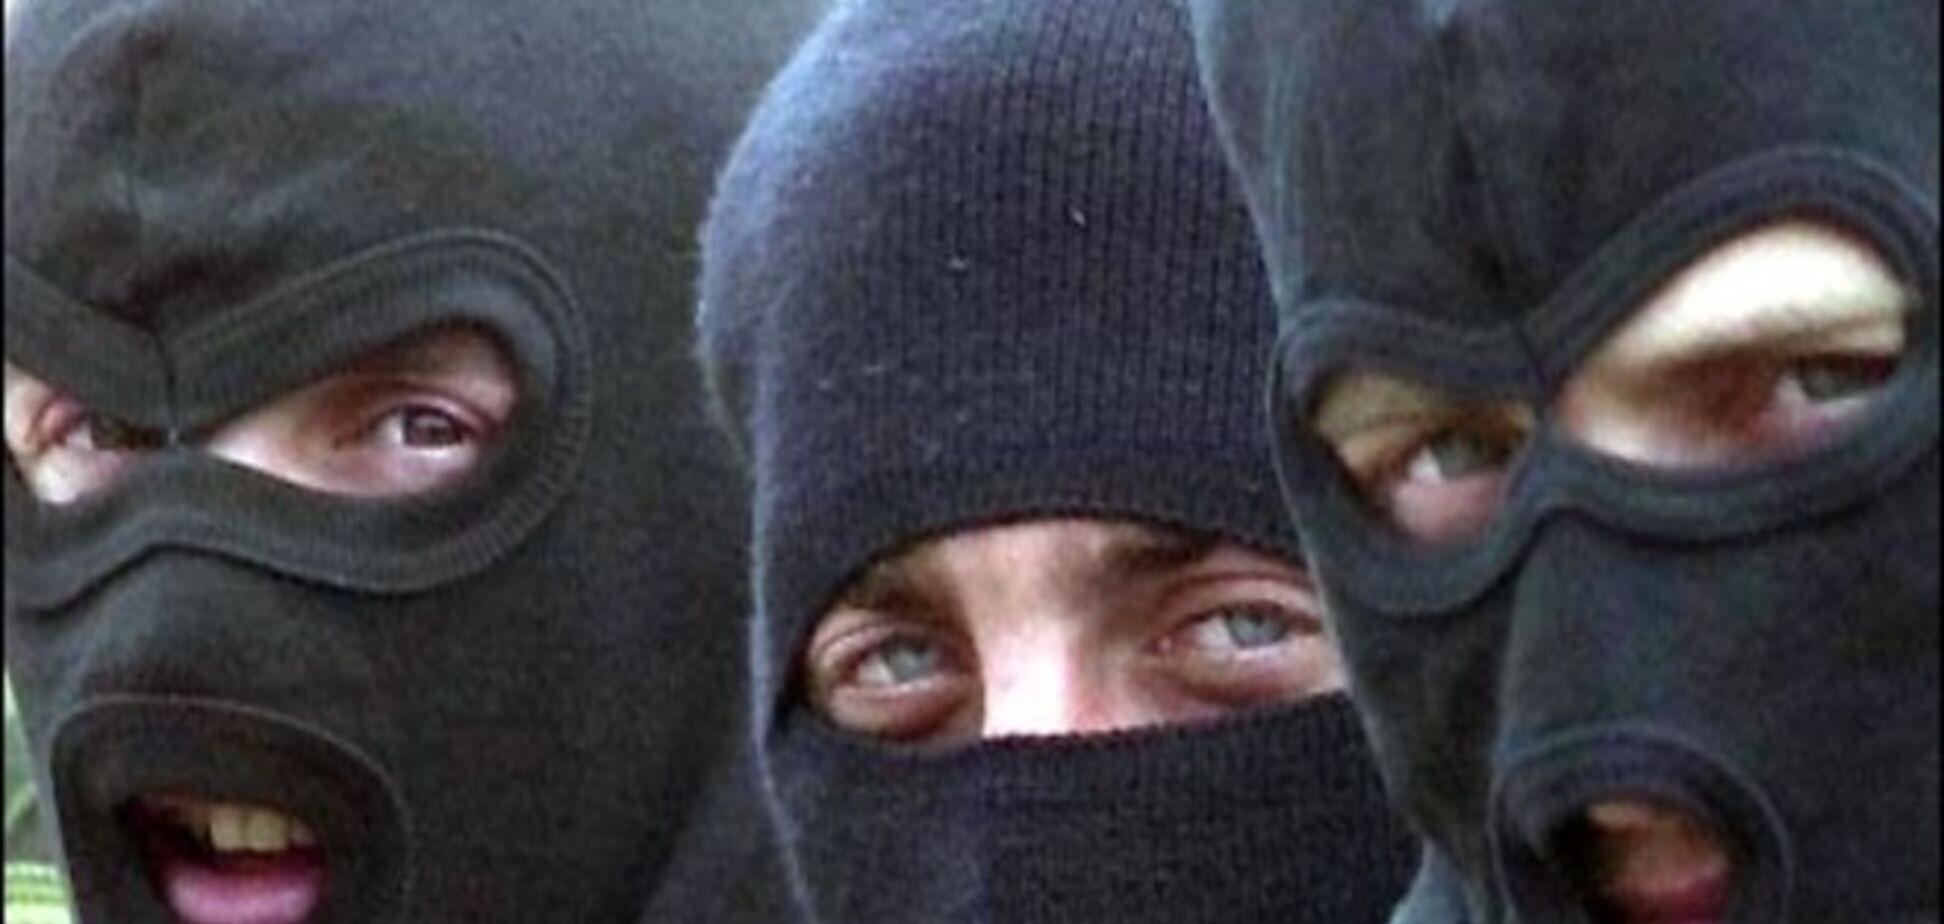 Около 30 людей в масках устроили перестрелку в Киевской области, есть раненые